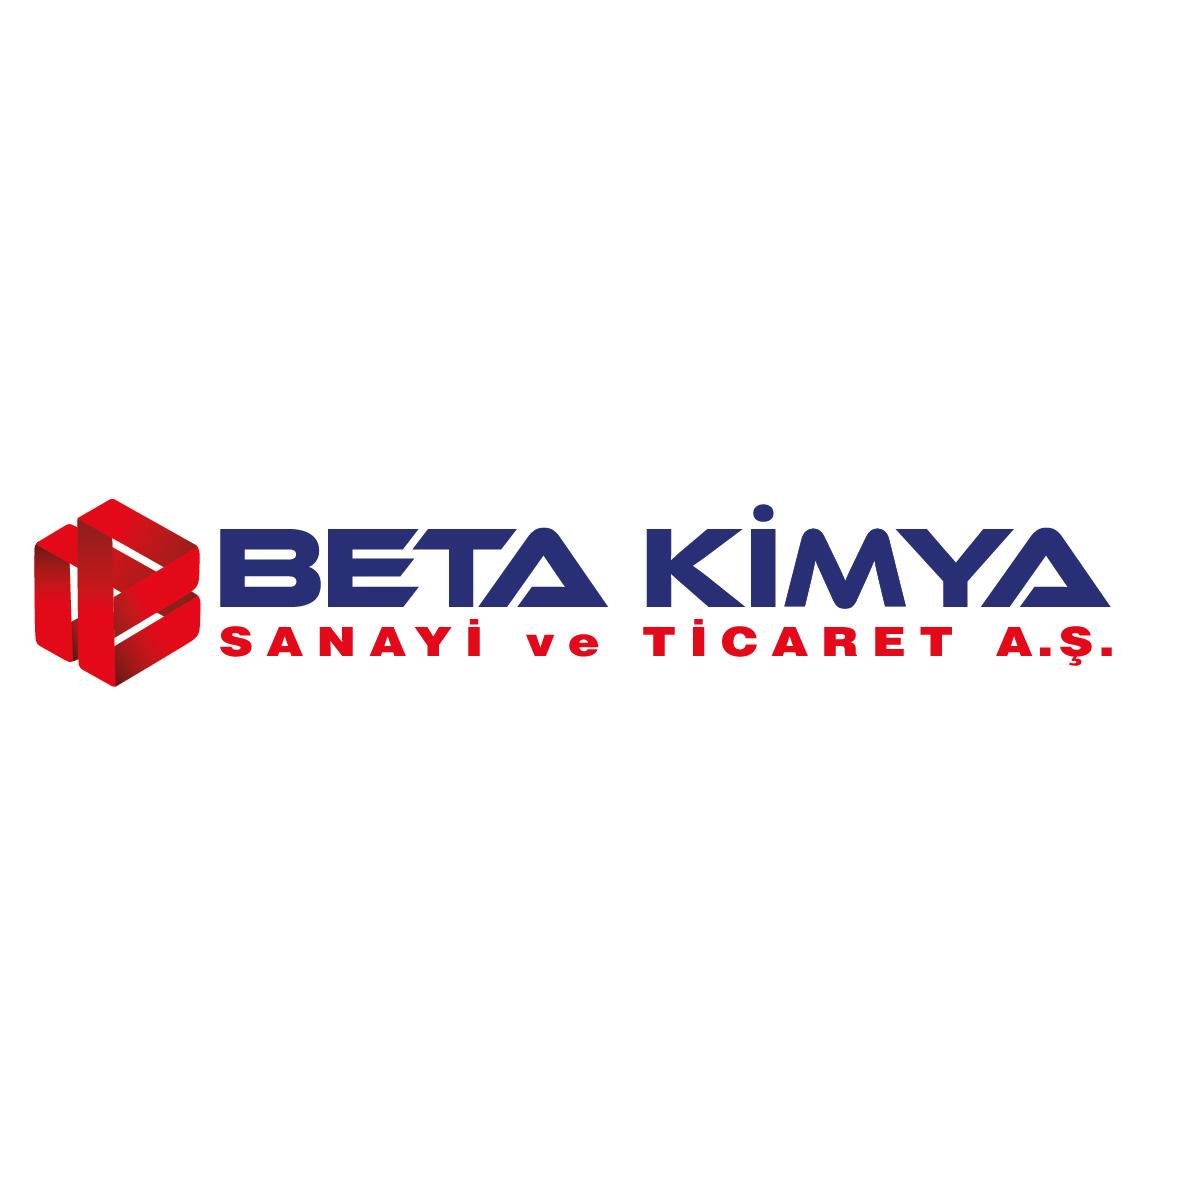 Beta kimya